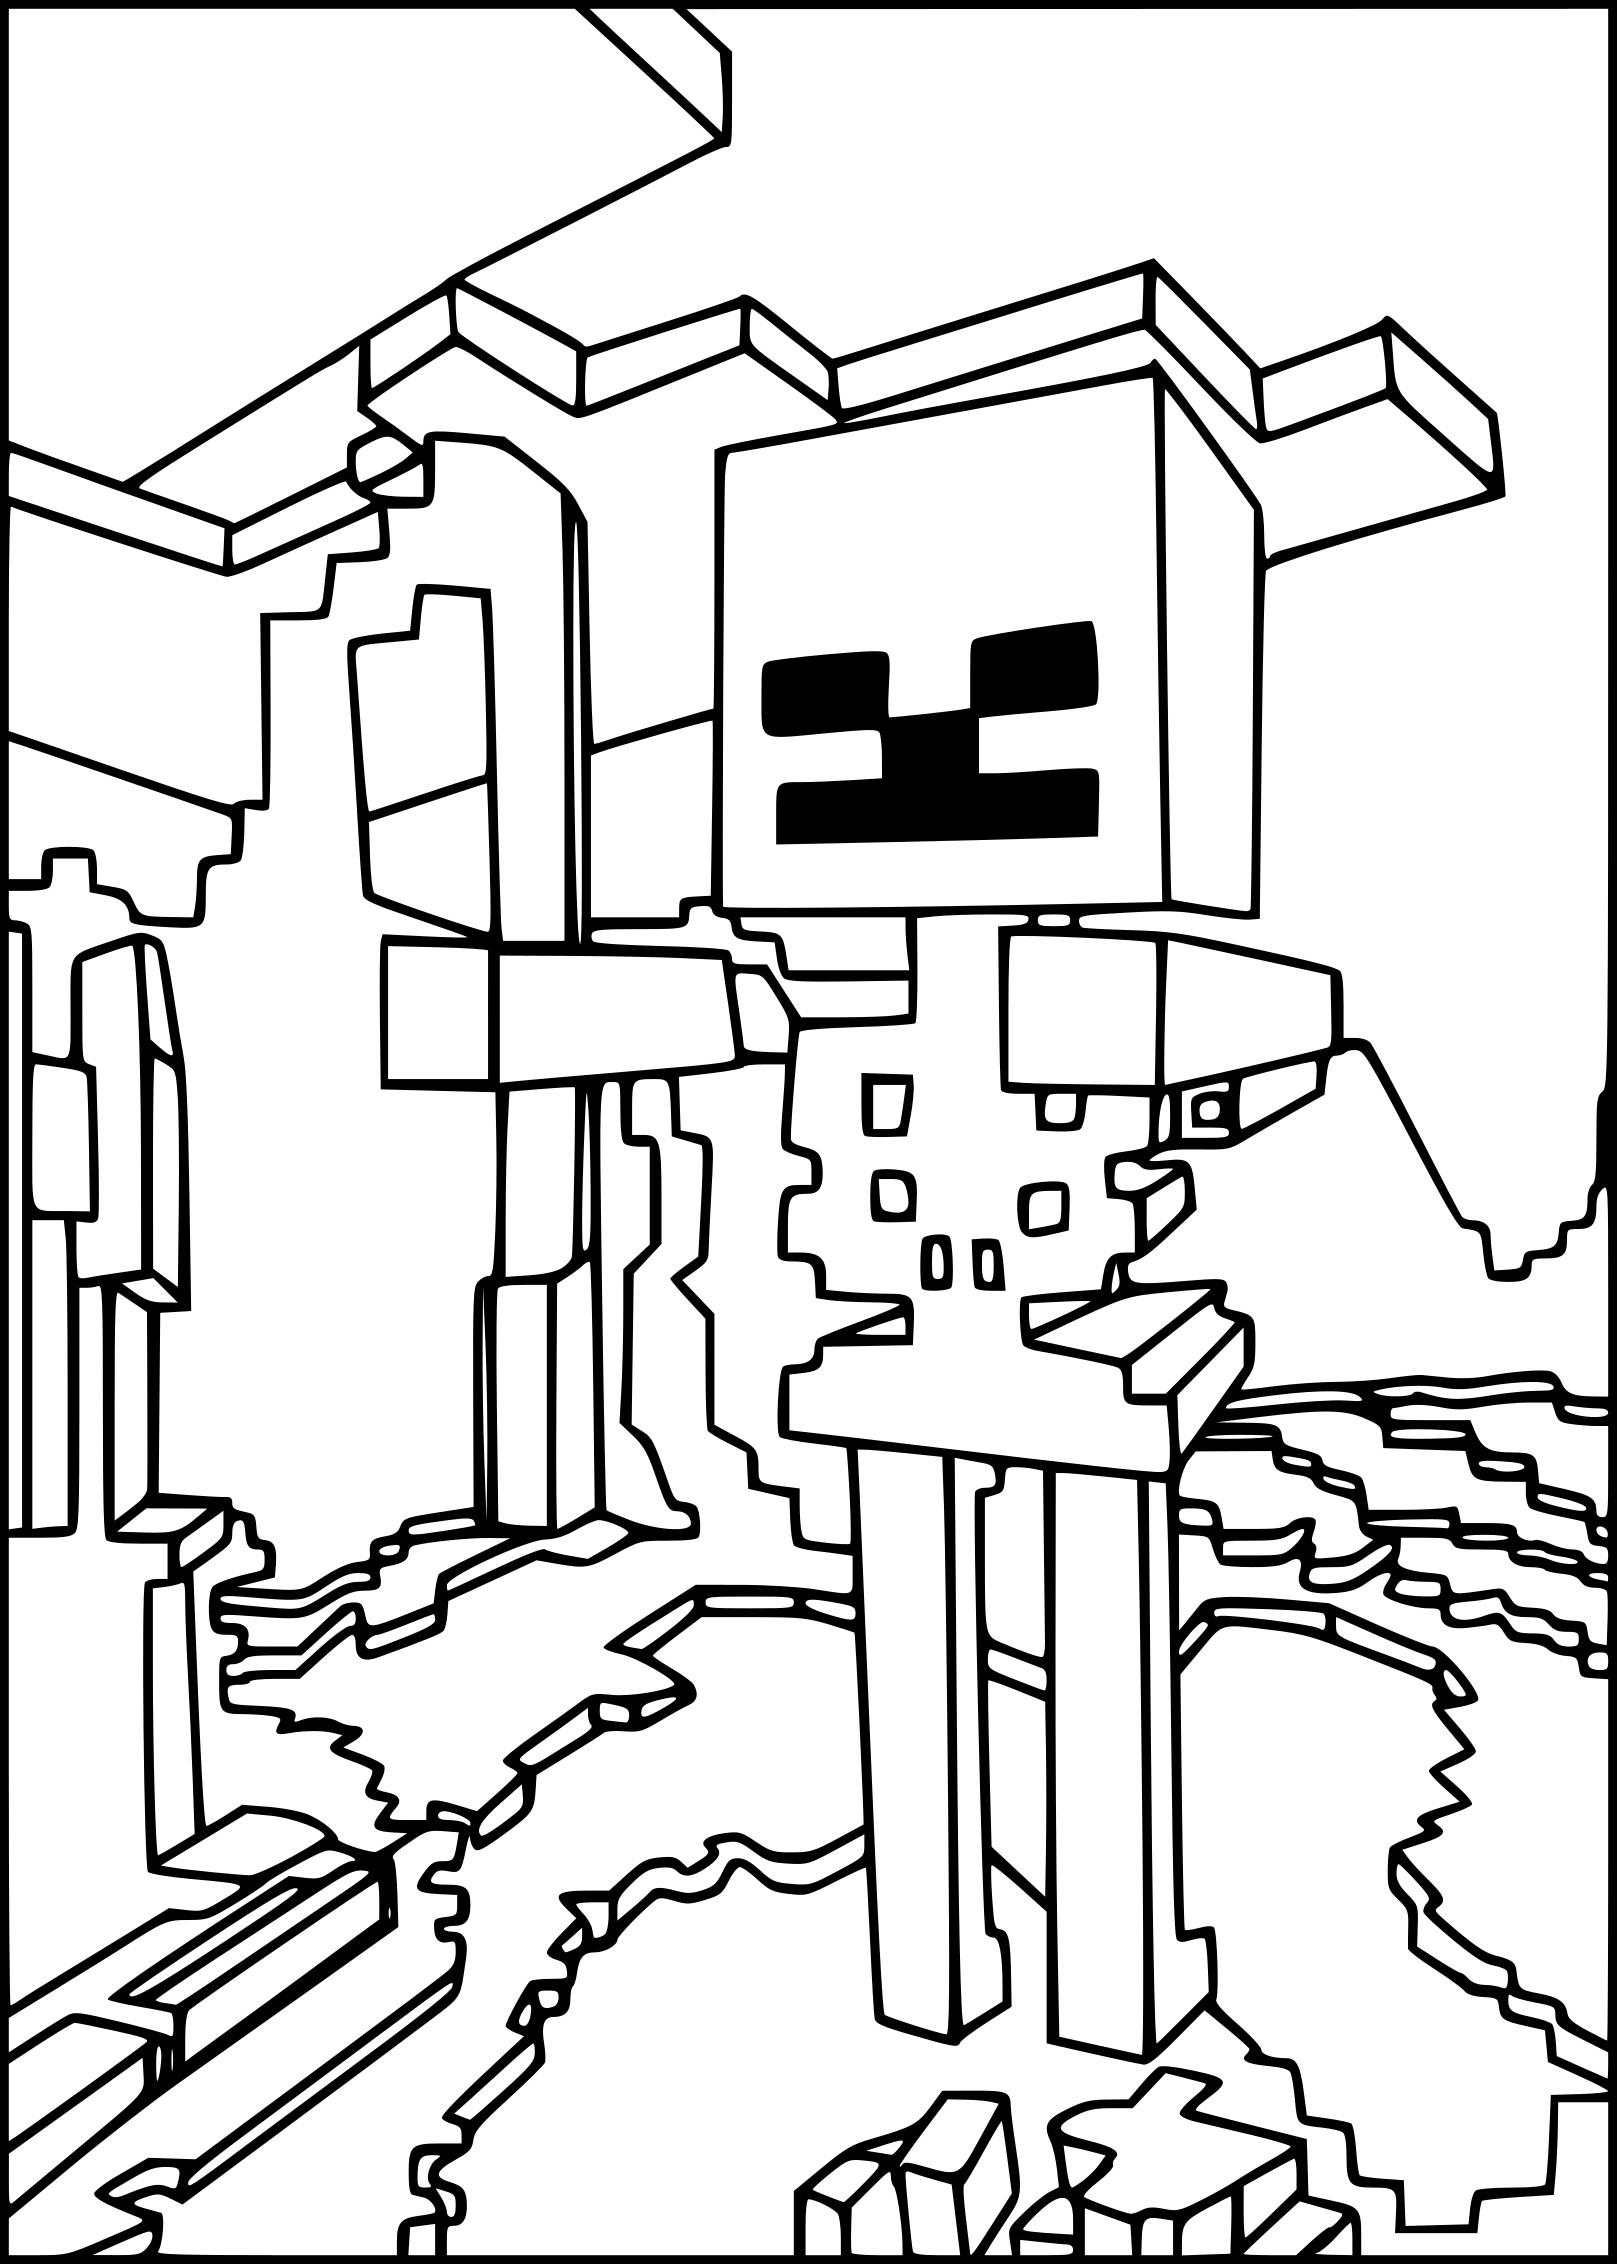 Coloriage Squelette Minecraft A Imprimer